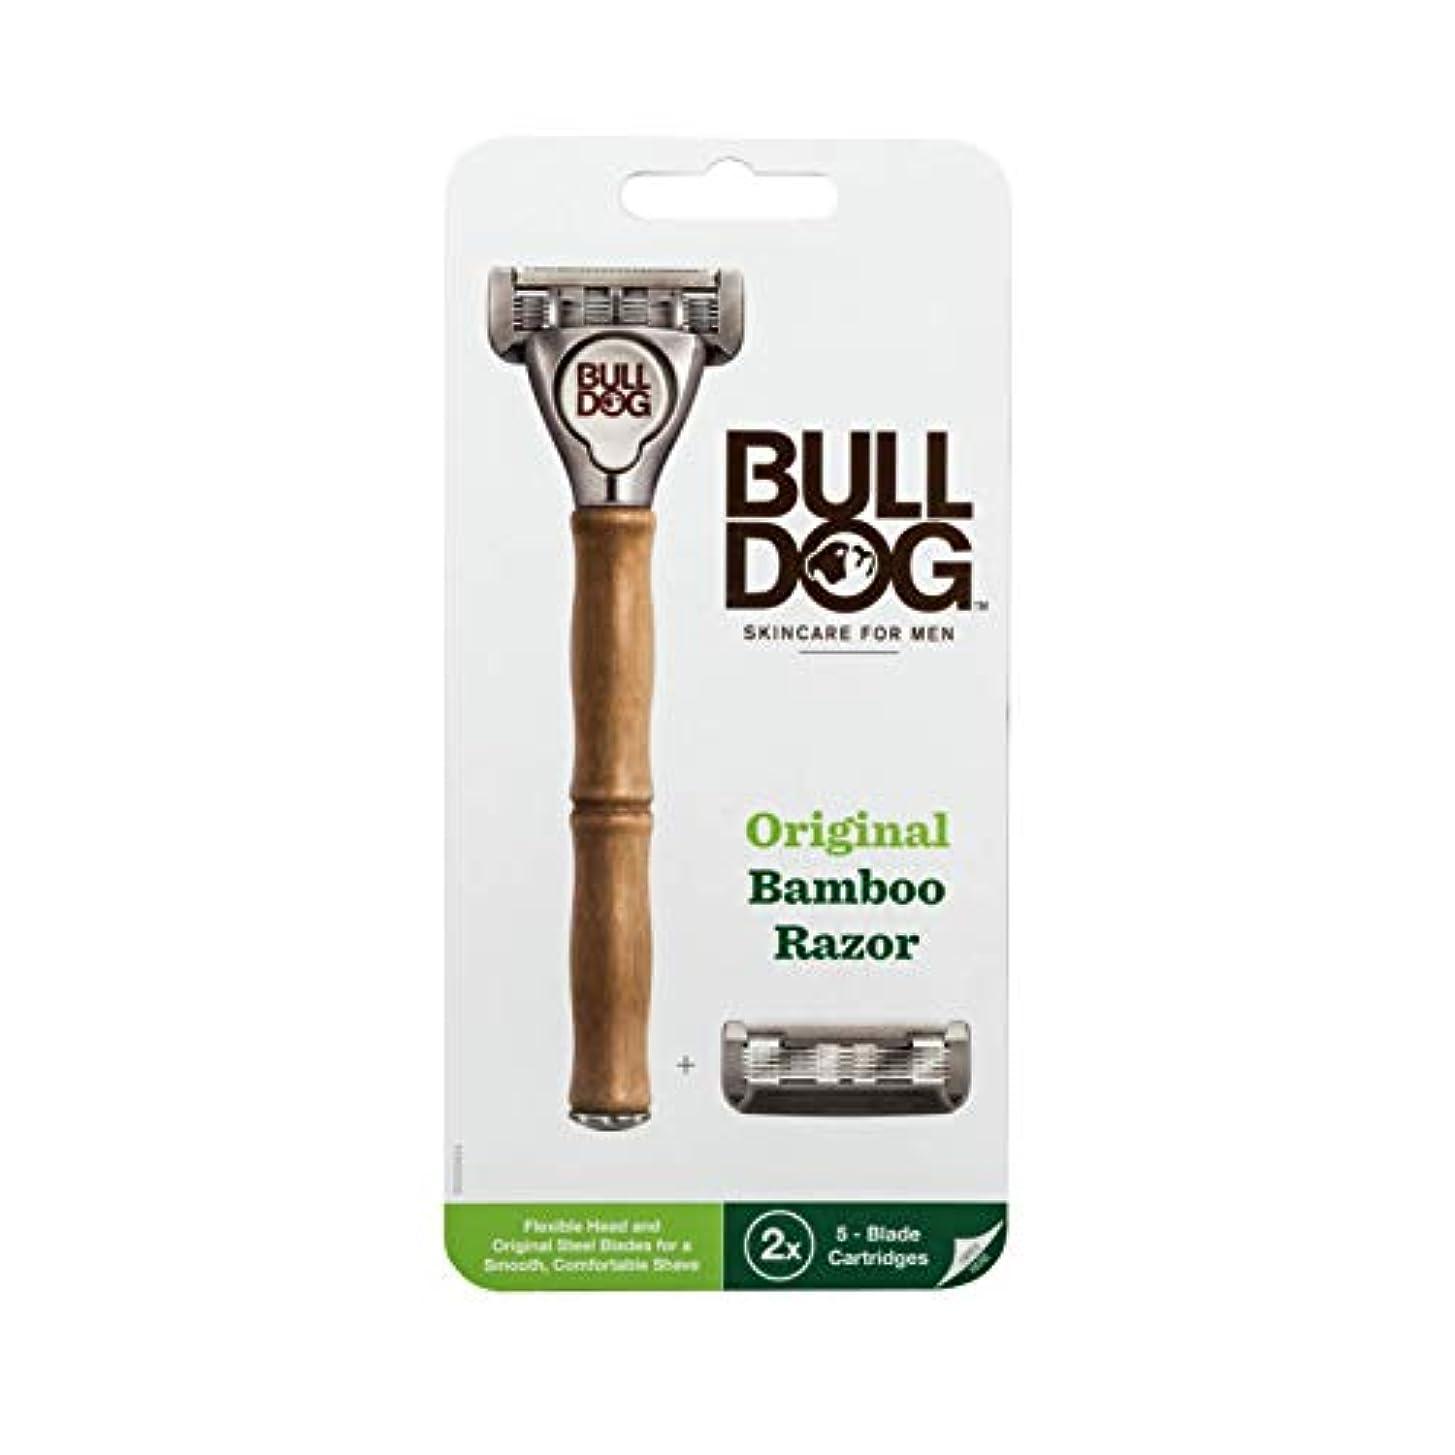 兵器庫シリアルヘッジBulldog(ブルドッグ) ブルドッグ Bulldog 5枚刃 オリジナルバンブーホルダー 水に強い竹製ハンドル 替刃 2コ付 男性カミソリ ホルダー(1本)、替刃2コ付き(内1コ本体装着済み)